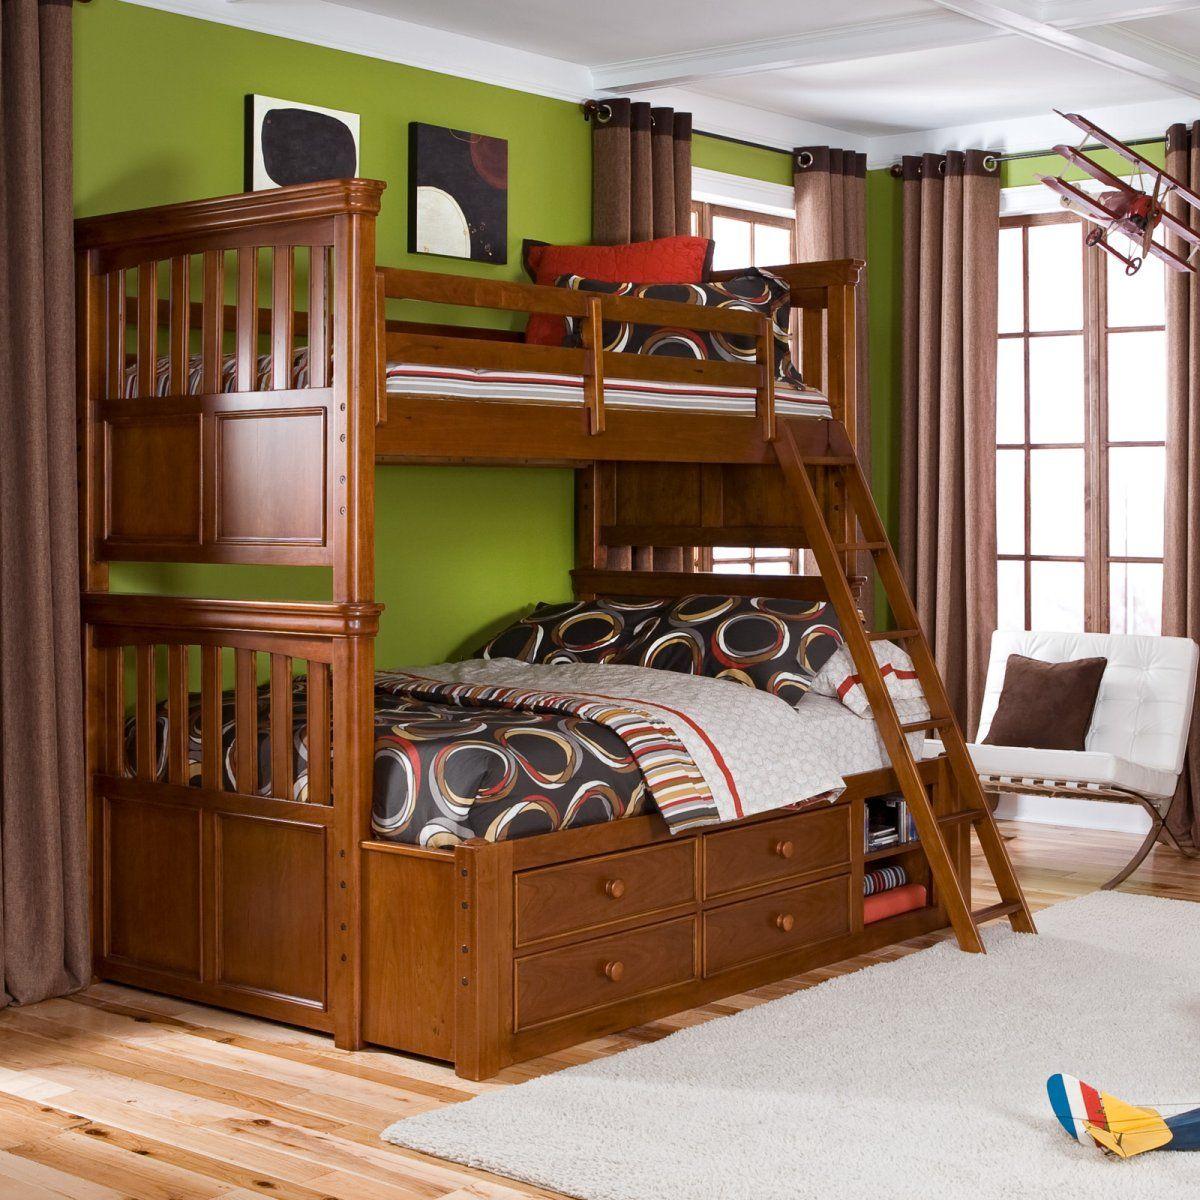 Luxuriose Queen Twin Bunk Bed Kinderzimmerdeko Pinterest